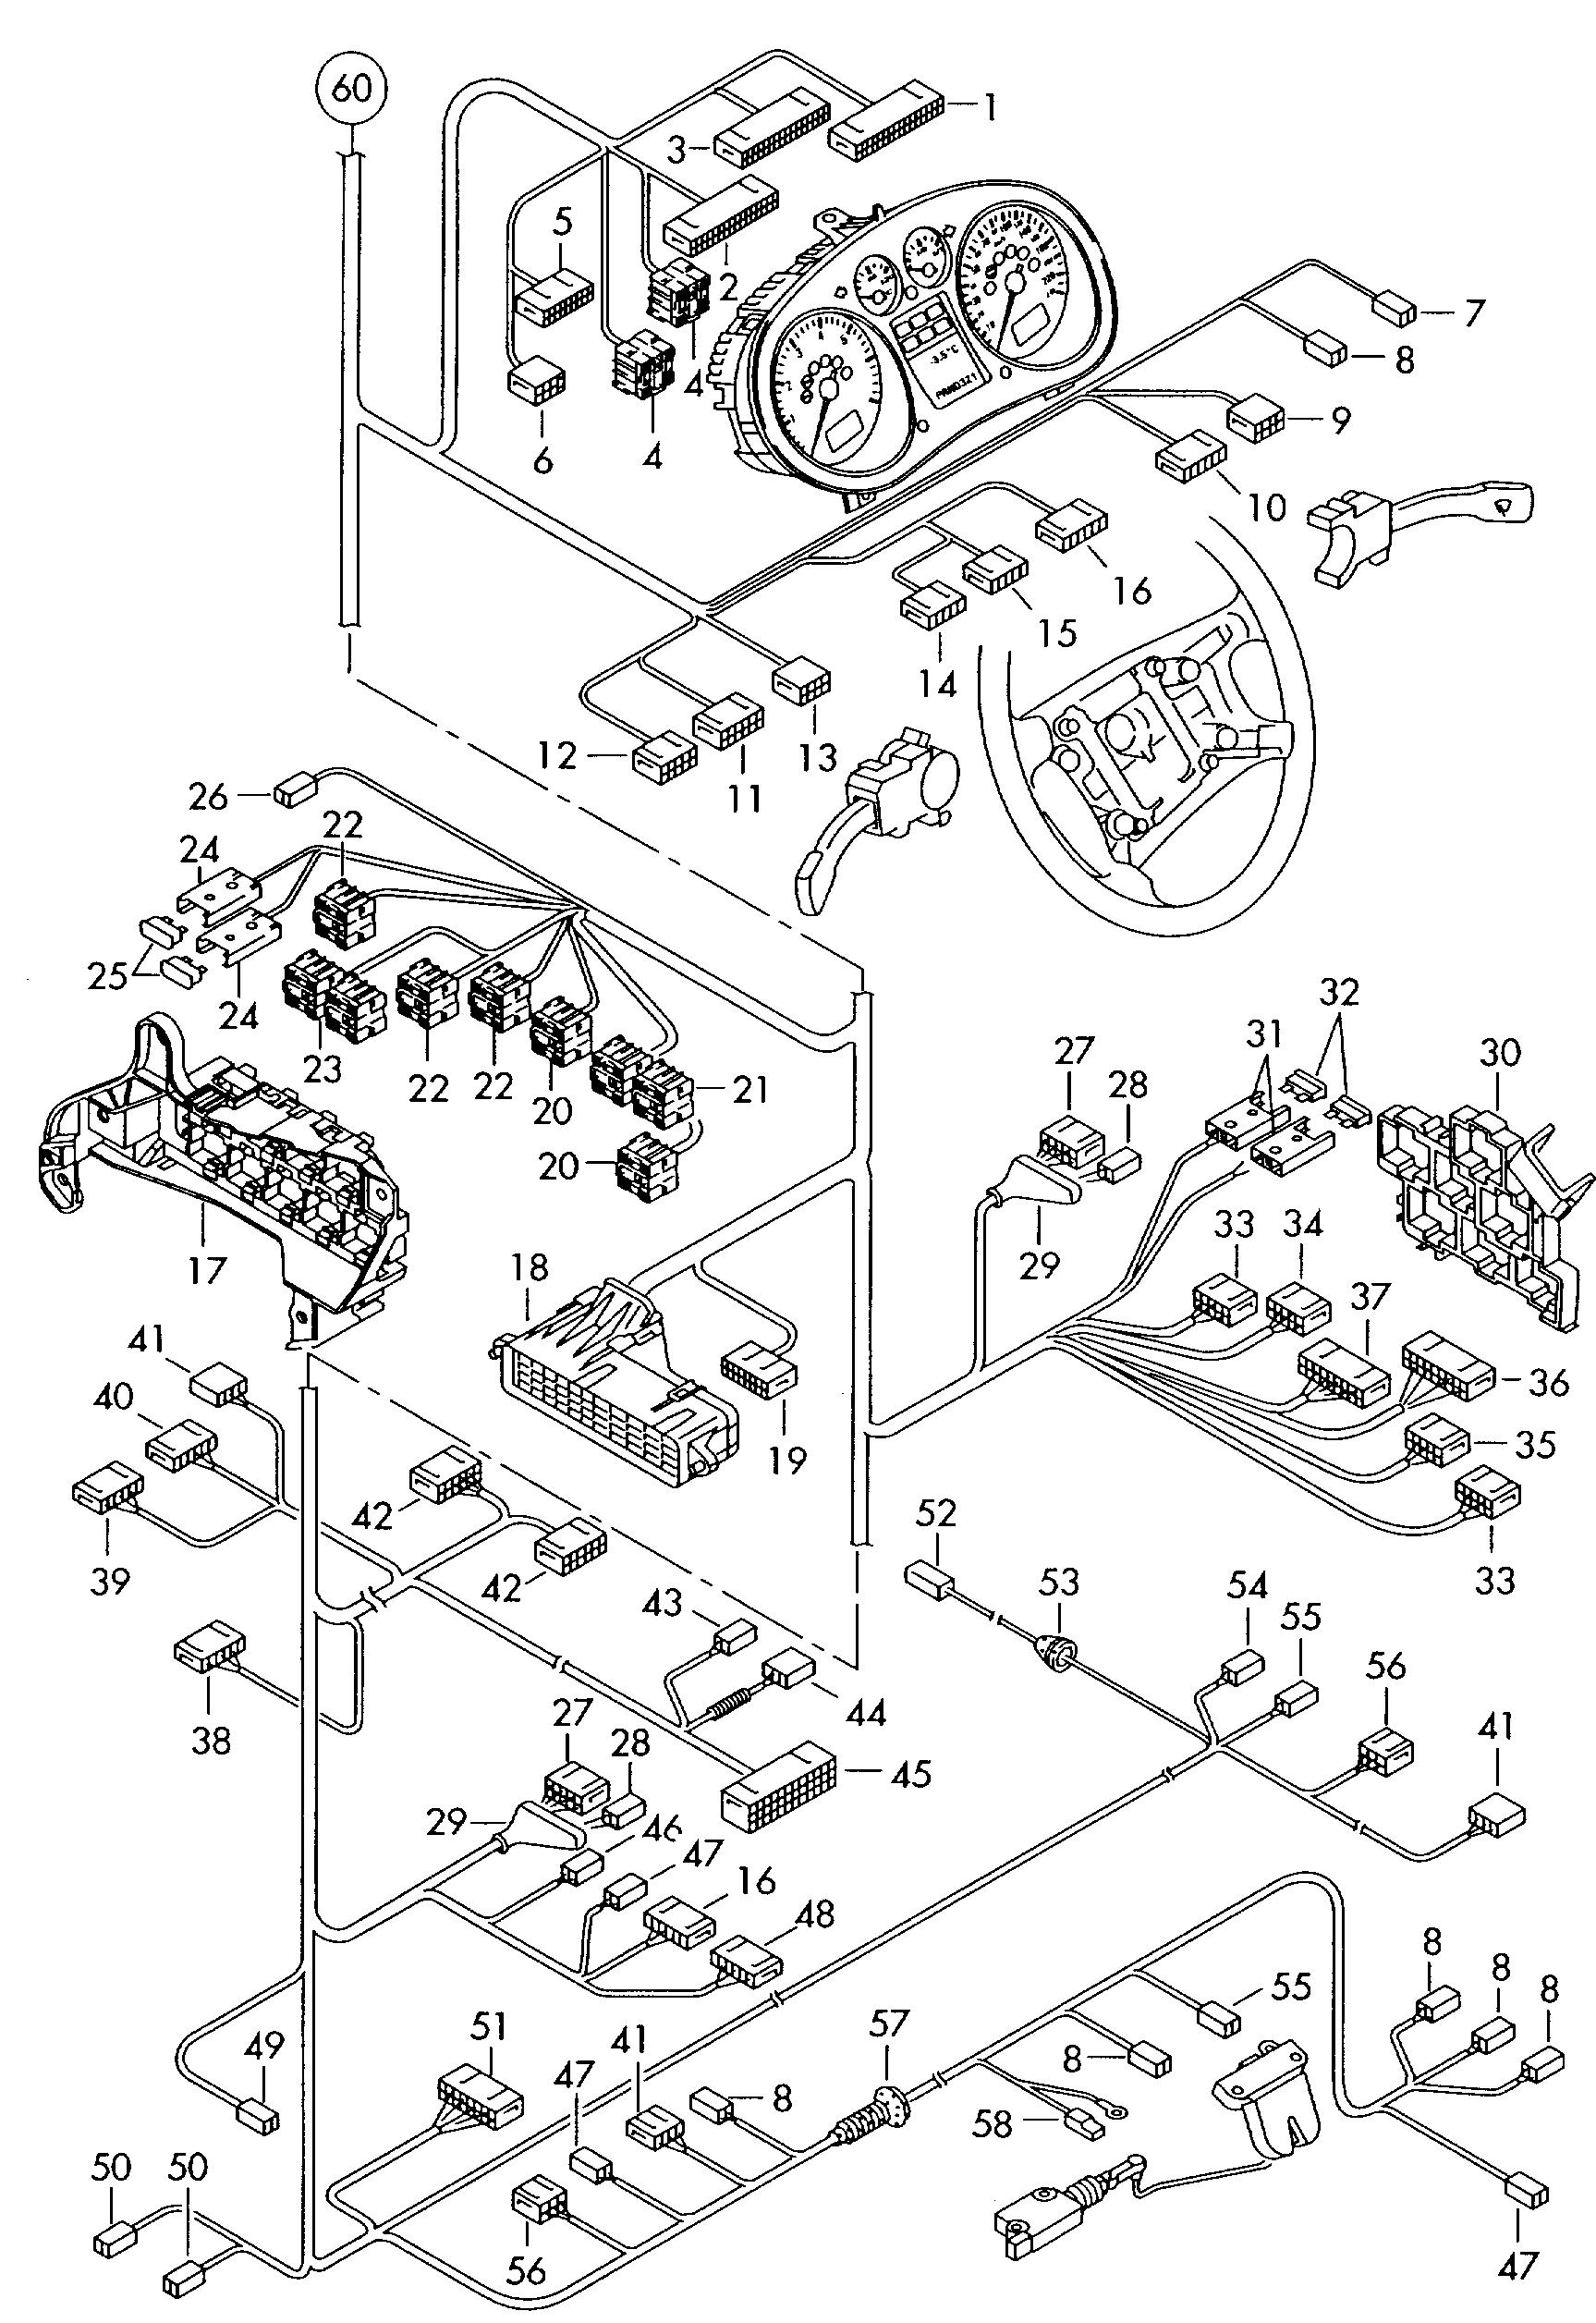 AUDI, Audi A2 Europe, 2005, Electrics, 97184 - Catcar.infoCATCAR.INFO